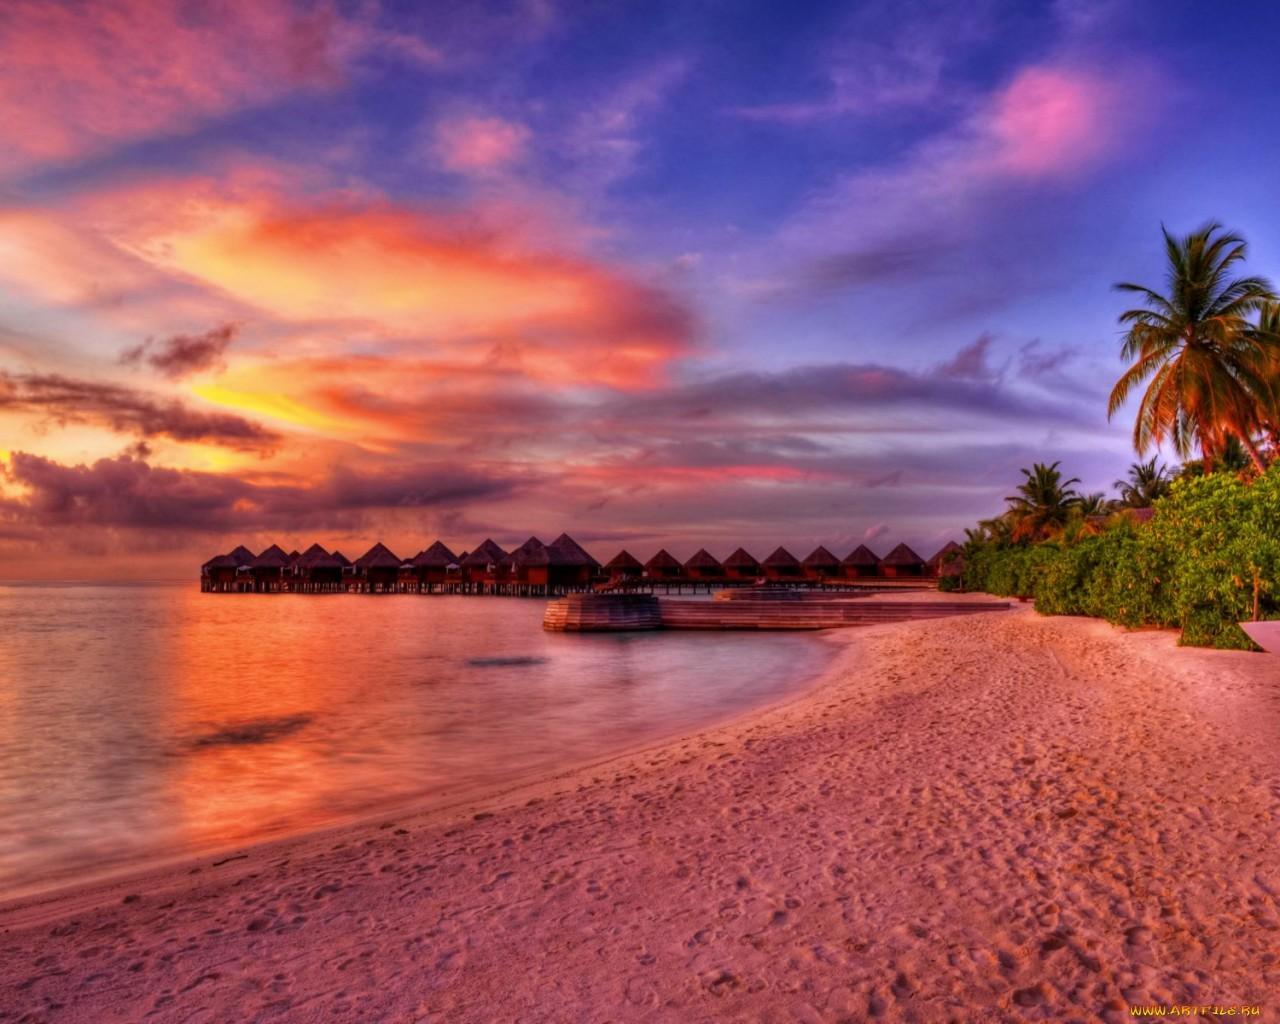 16690 скачать обои Пейзаж, Закат, Море, Пляж, Пальмы - заставки и картинки бесплатно